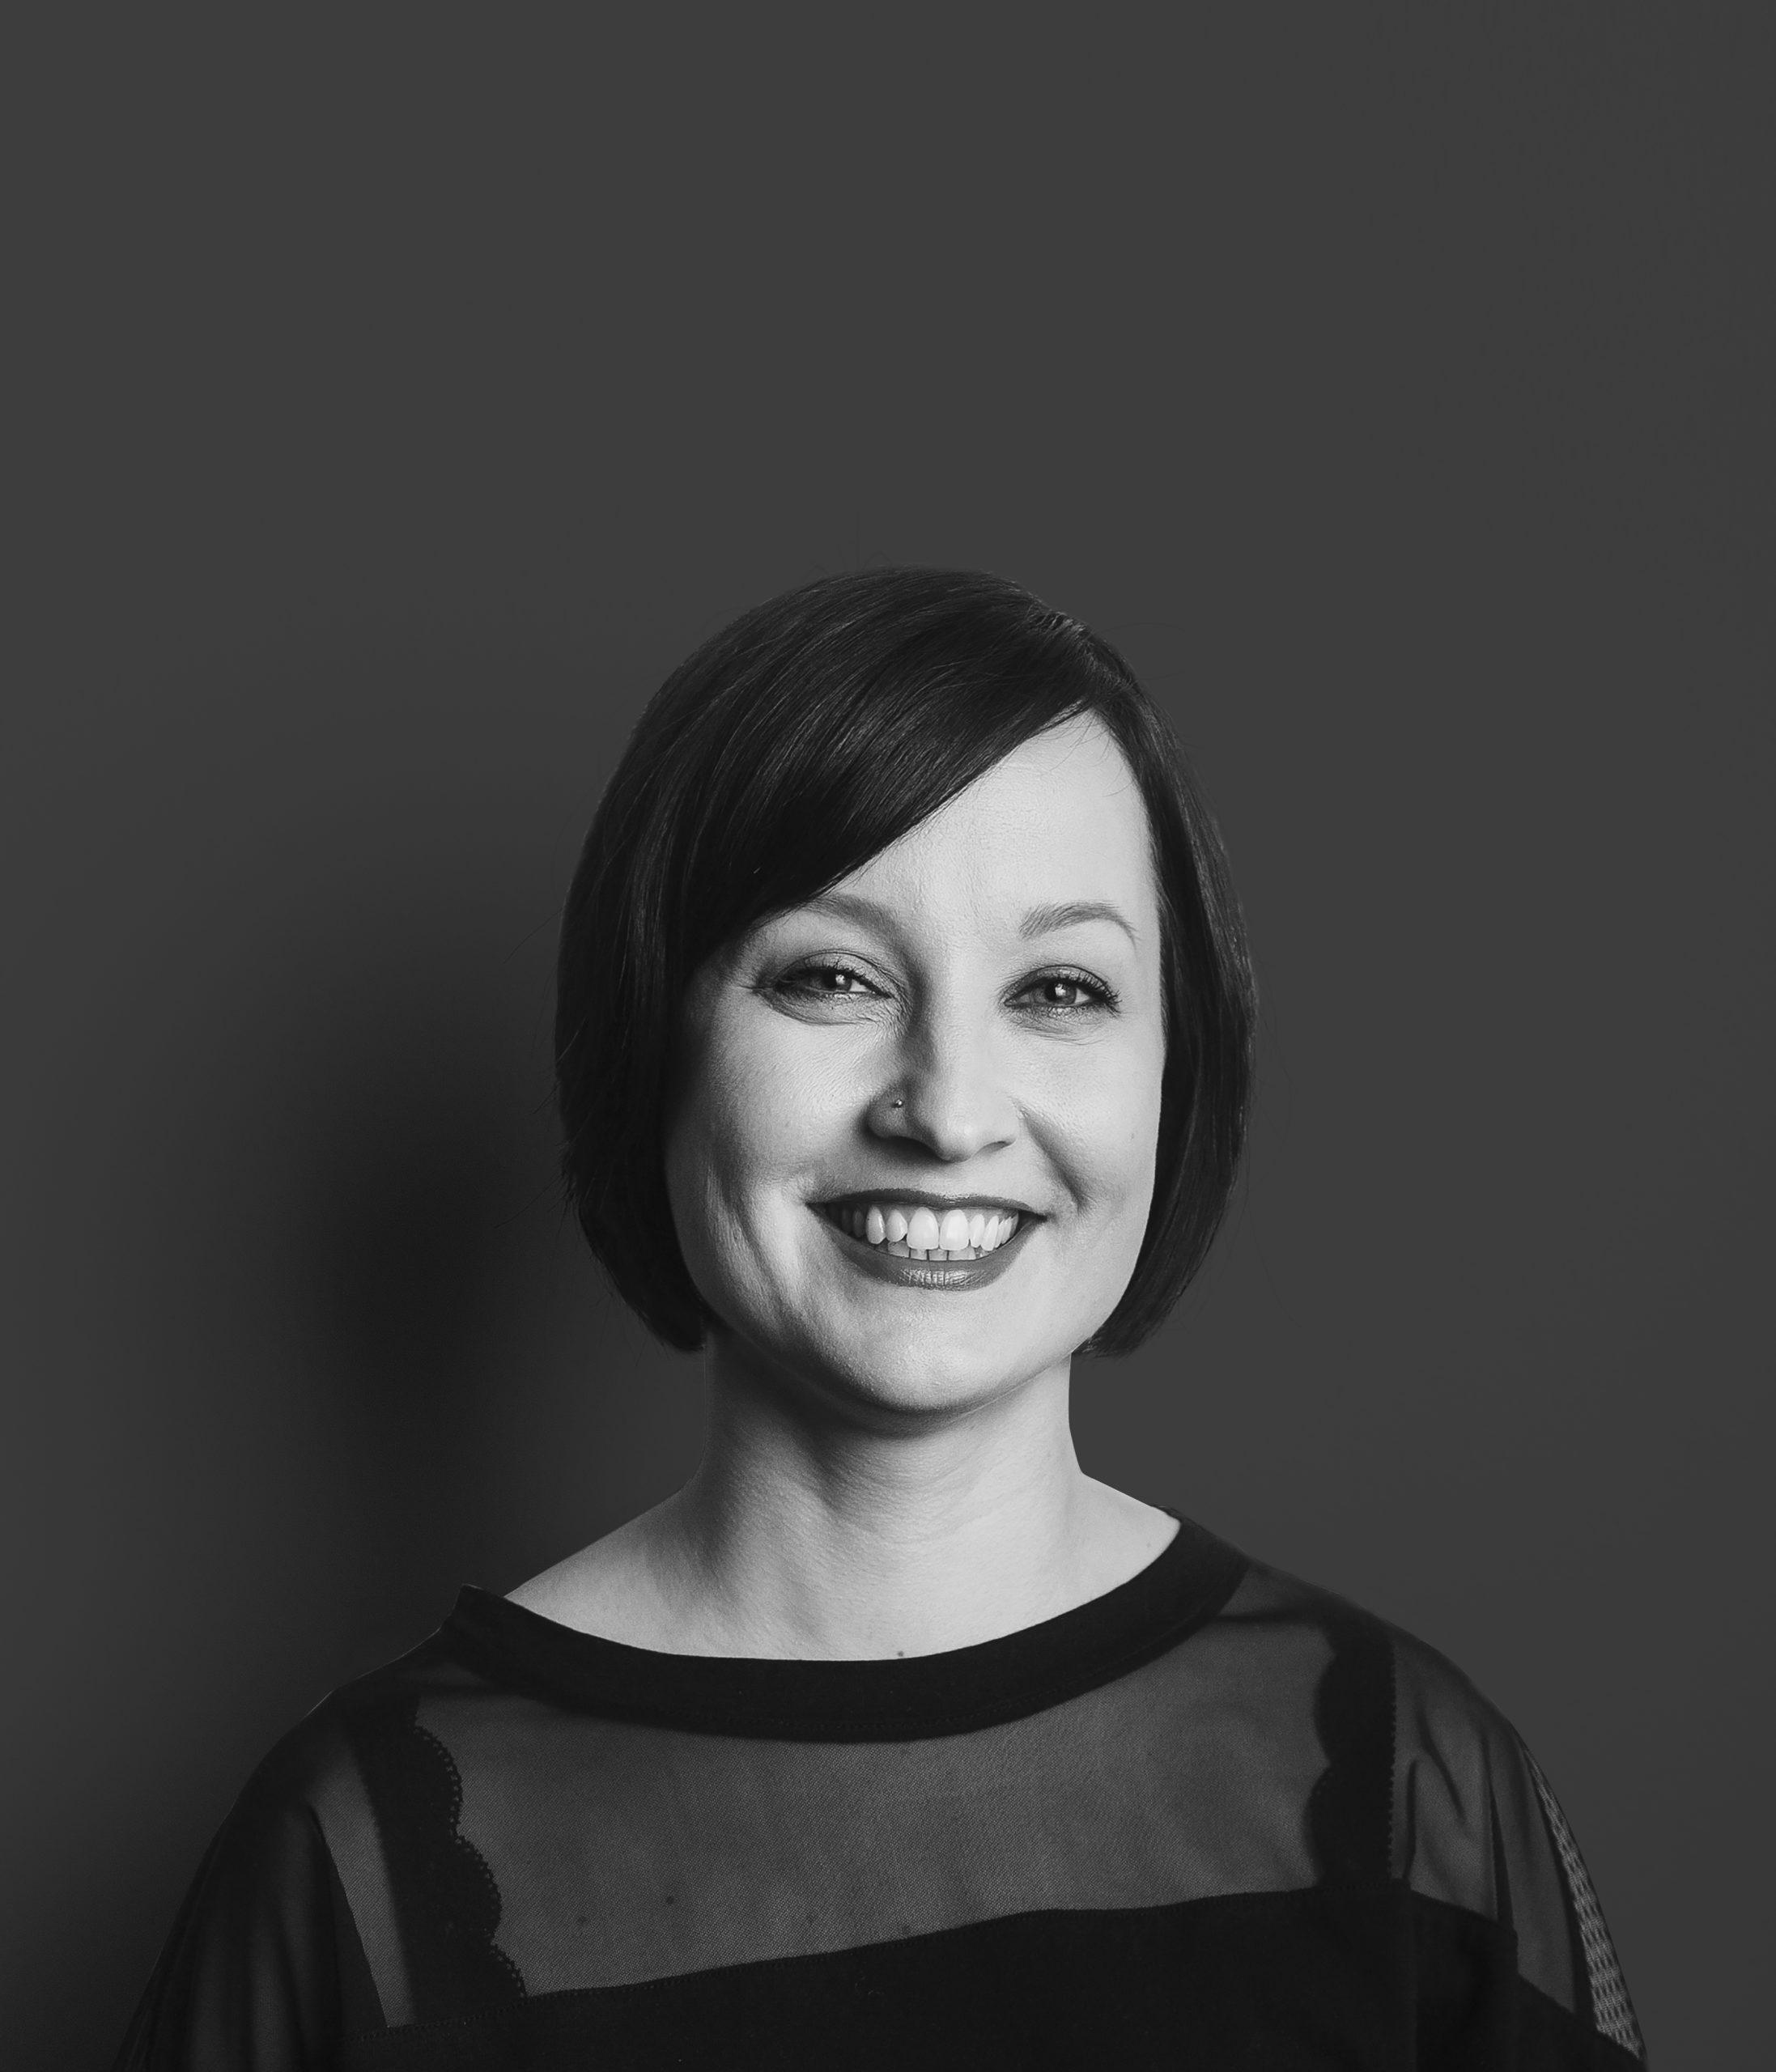 Elina Ulvio - Portrait